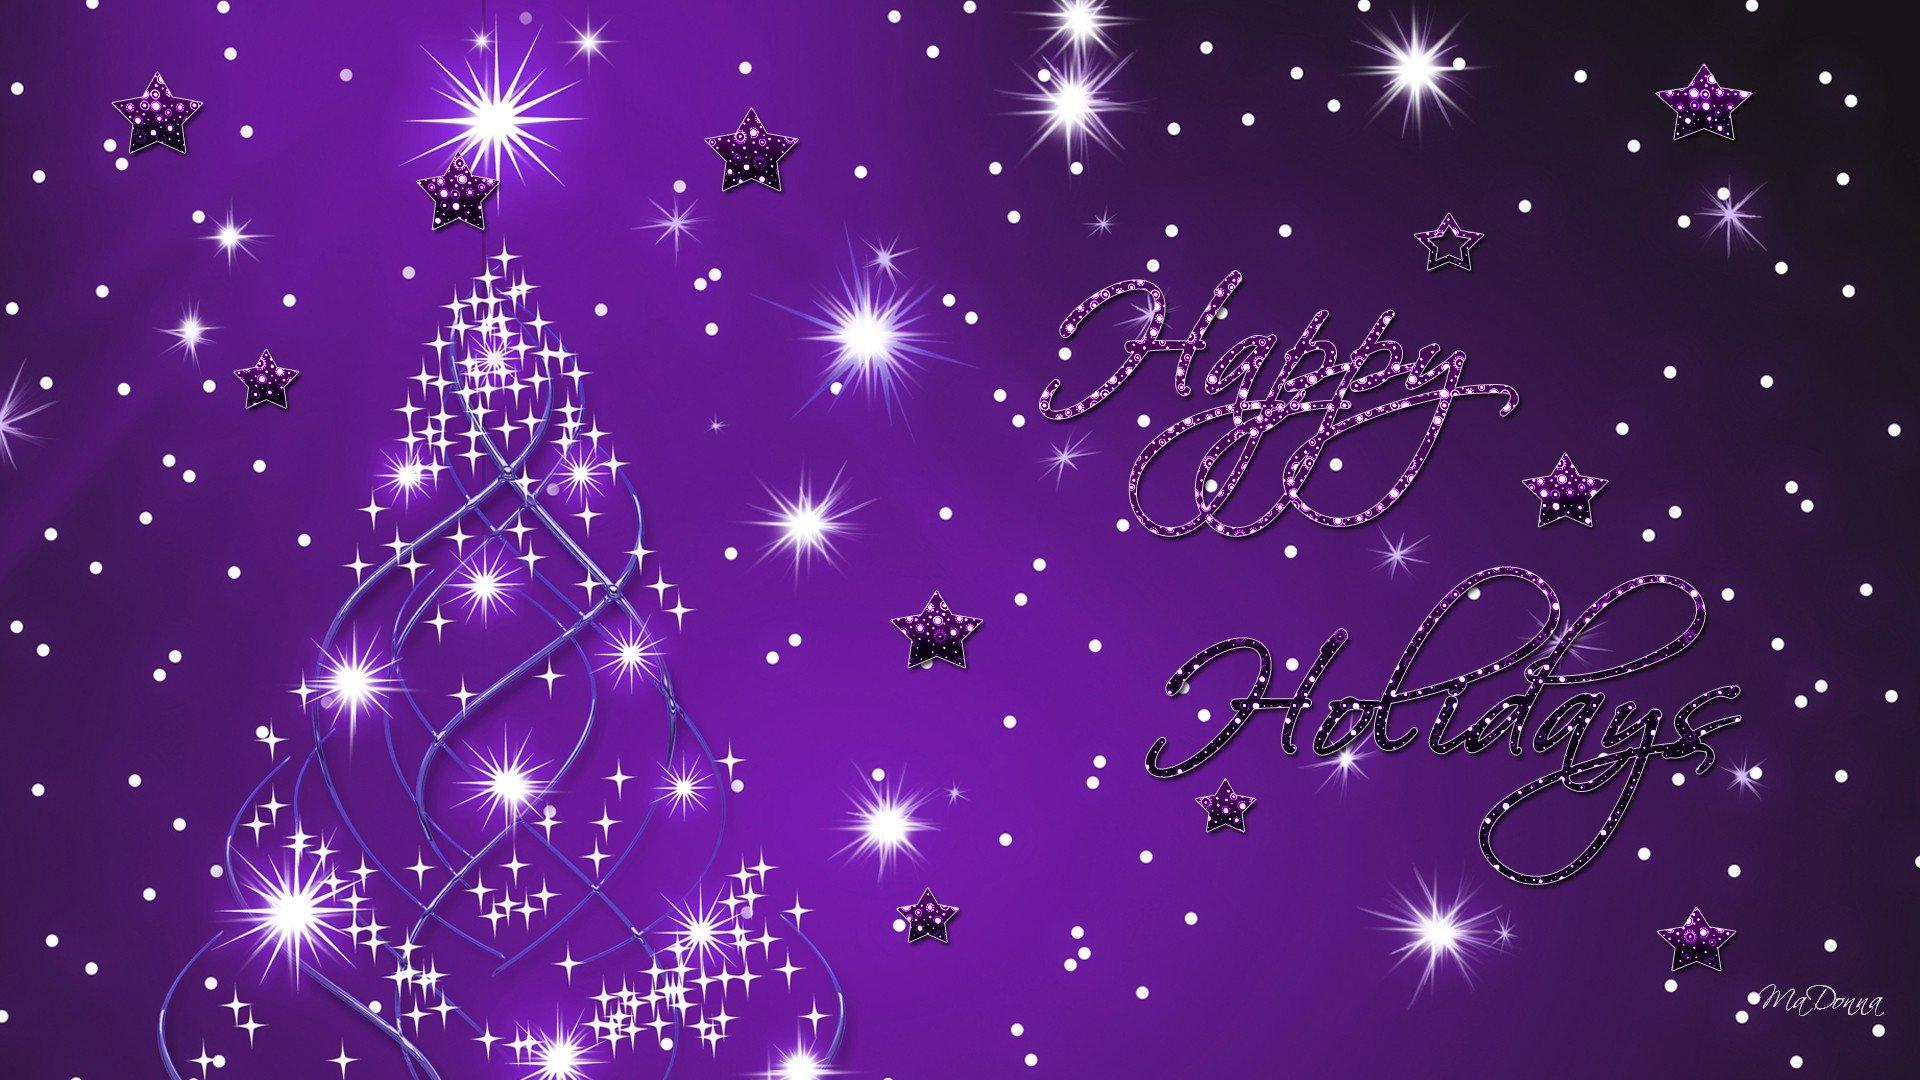 Happy Holidays HD desktop wallpaper Widescreen High Definition 1920x1080